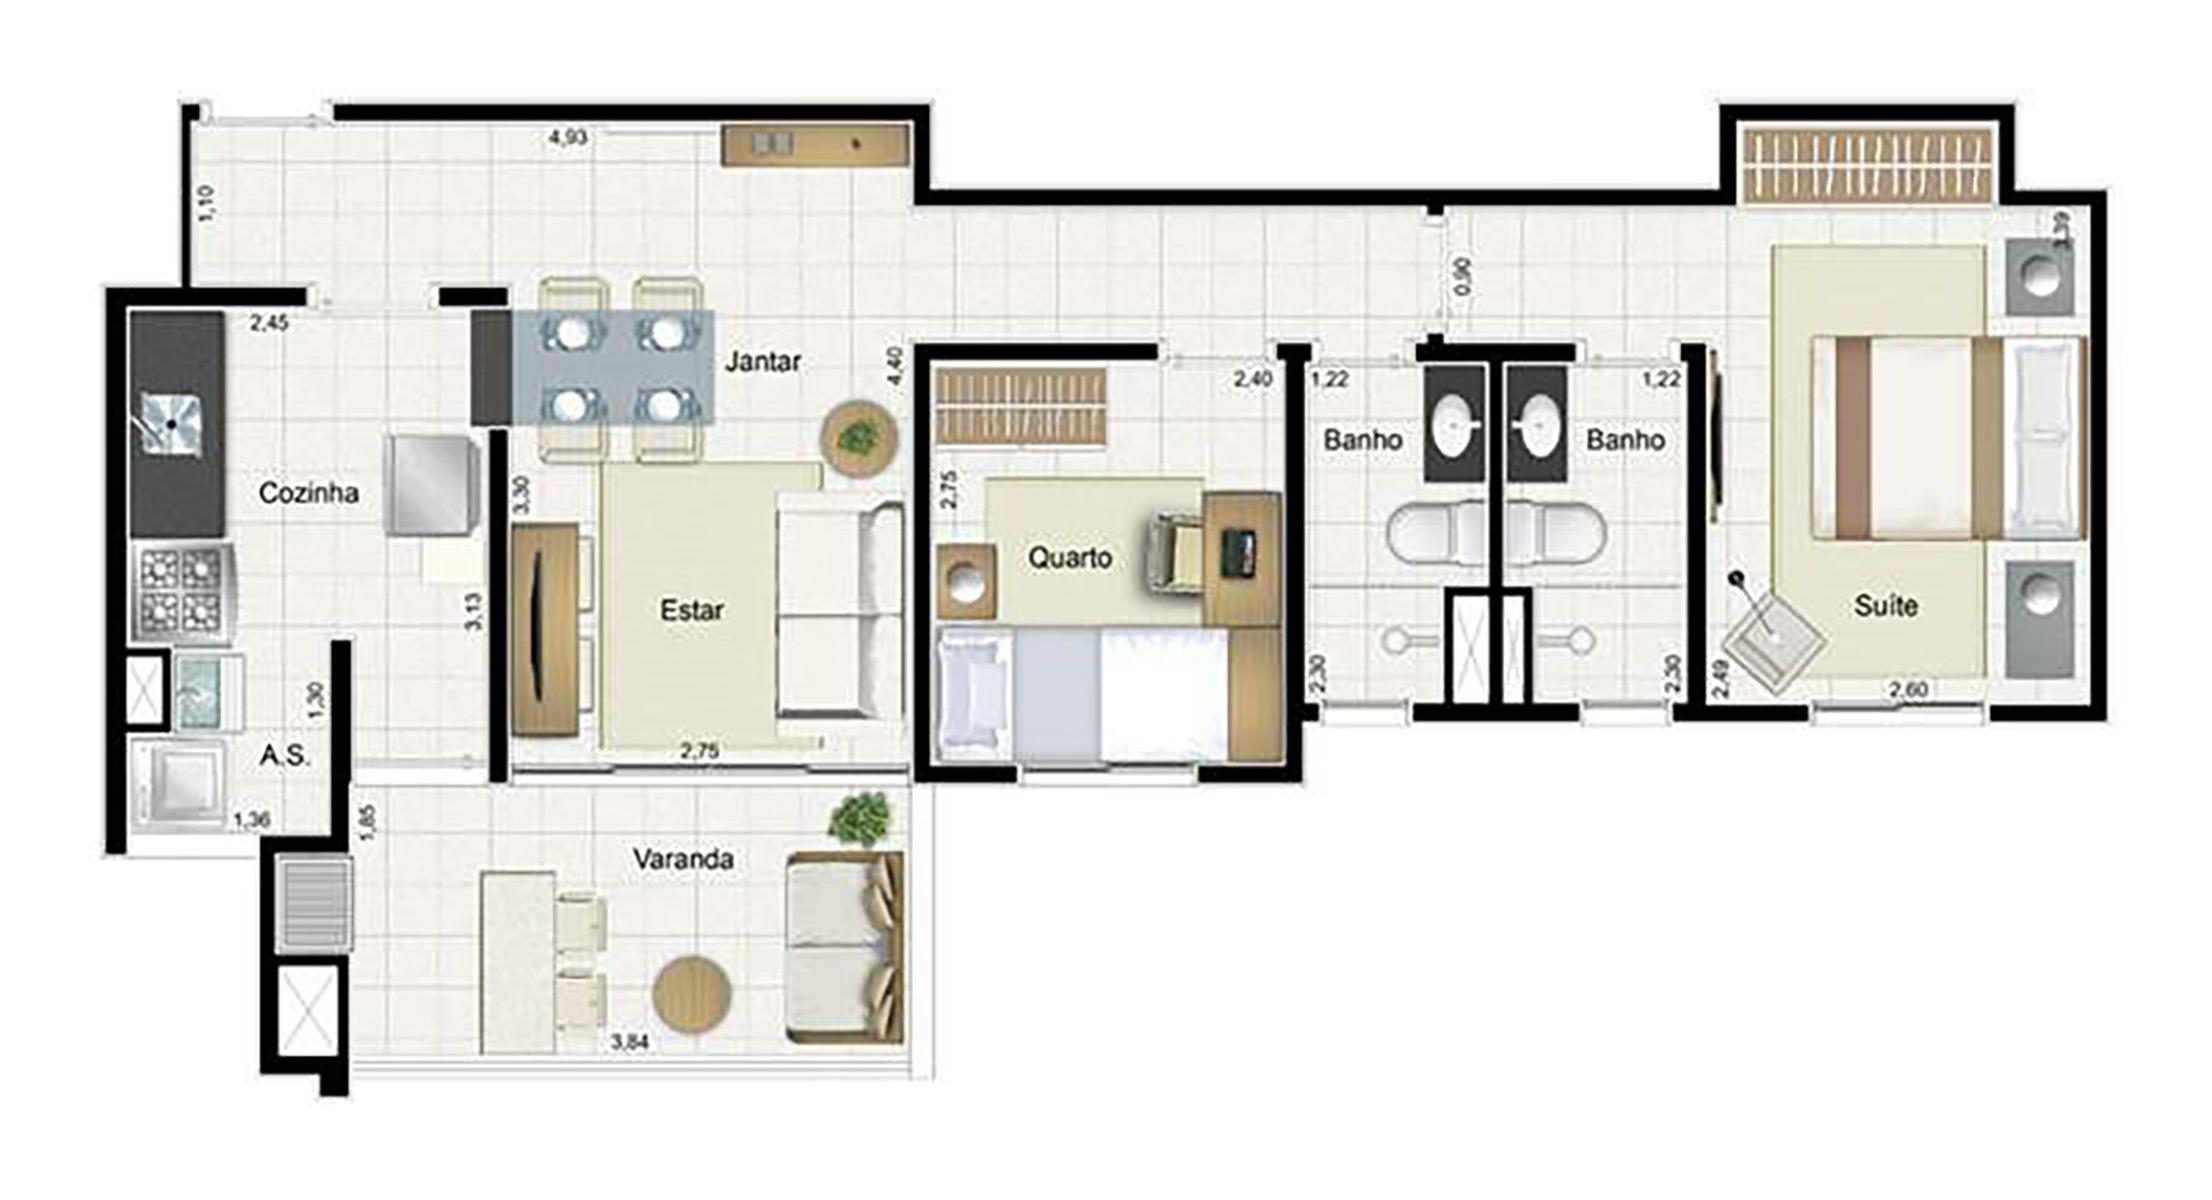 Ilustração Artística da Planta 67 m² tipo 1 Aqua Clube Residencial